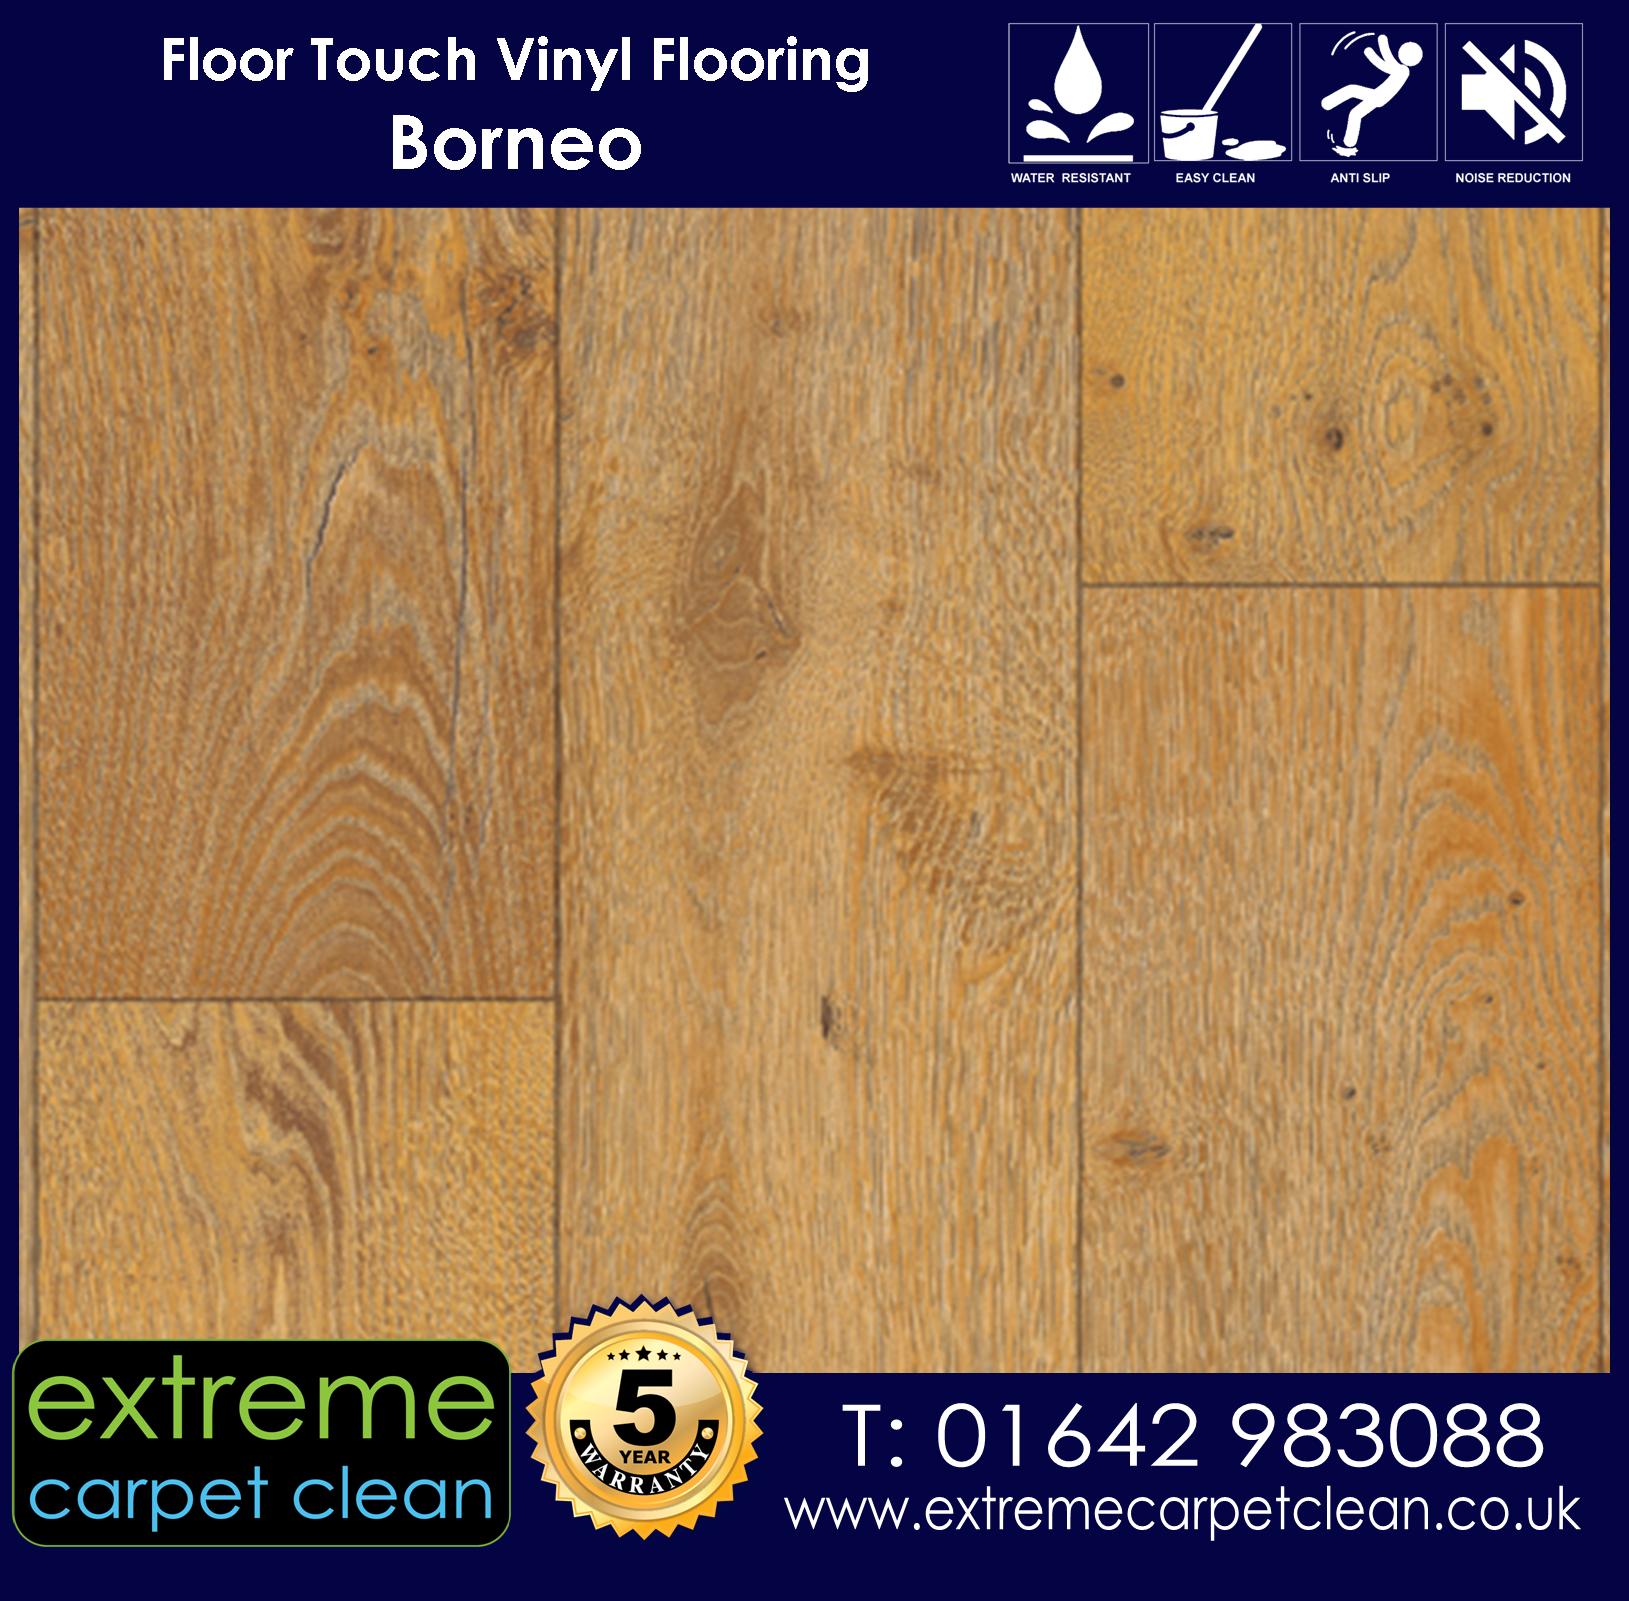 Extreme Carpet Clean. Vinyl Flooring. Borneo